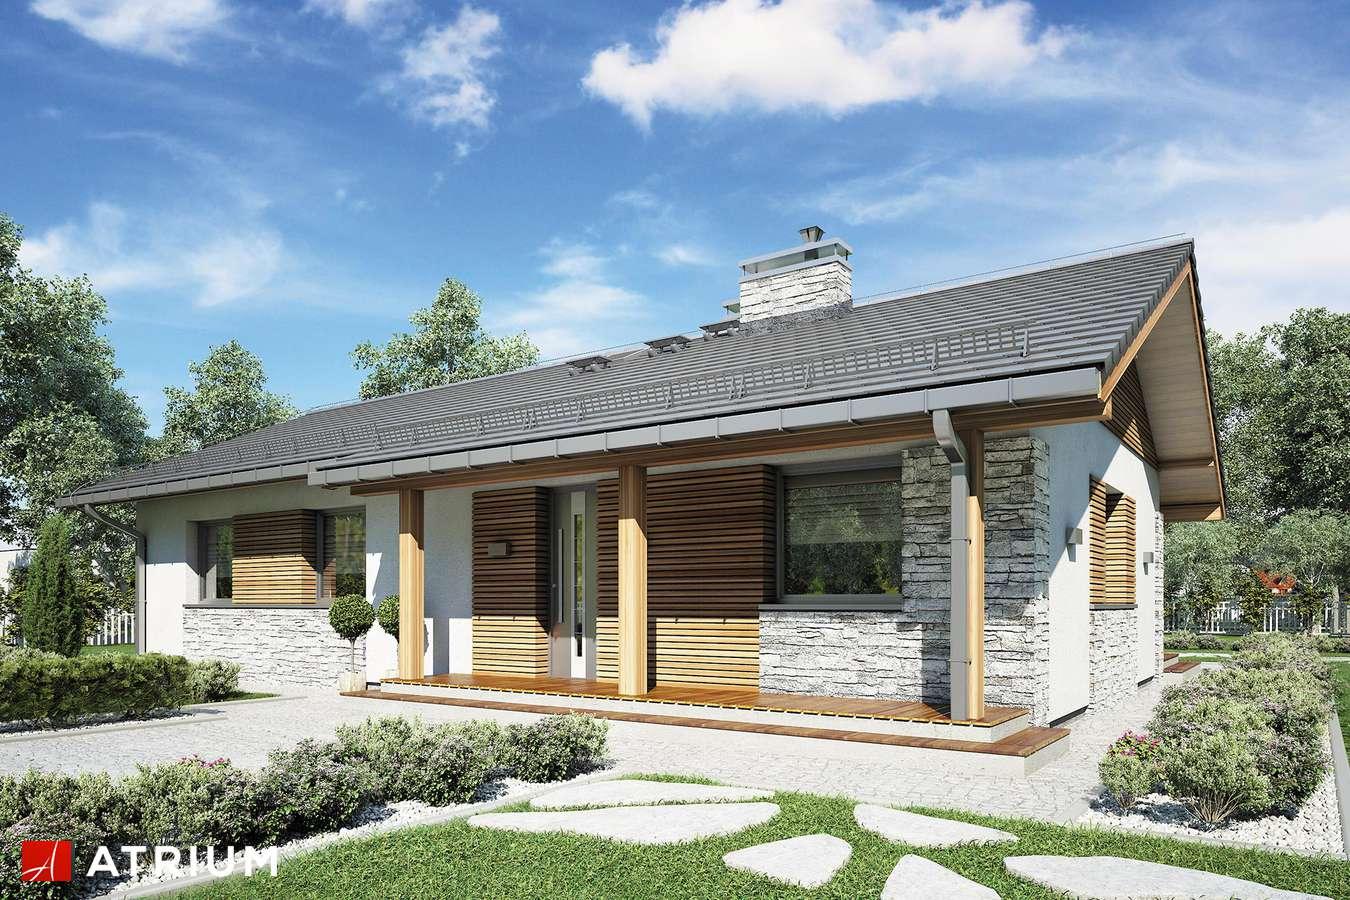 Projekty domów - Projekt domu parterowego ALBERTO - wizualizacja 2